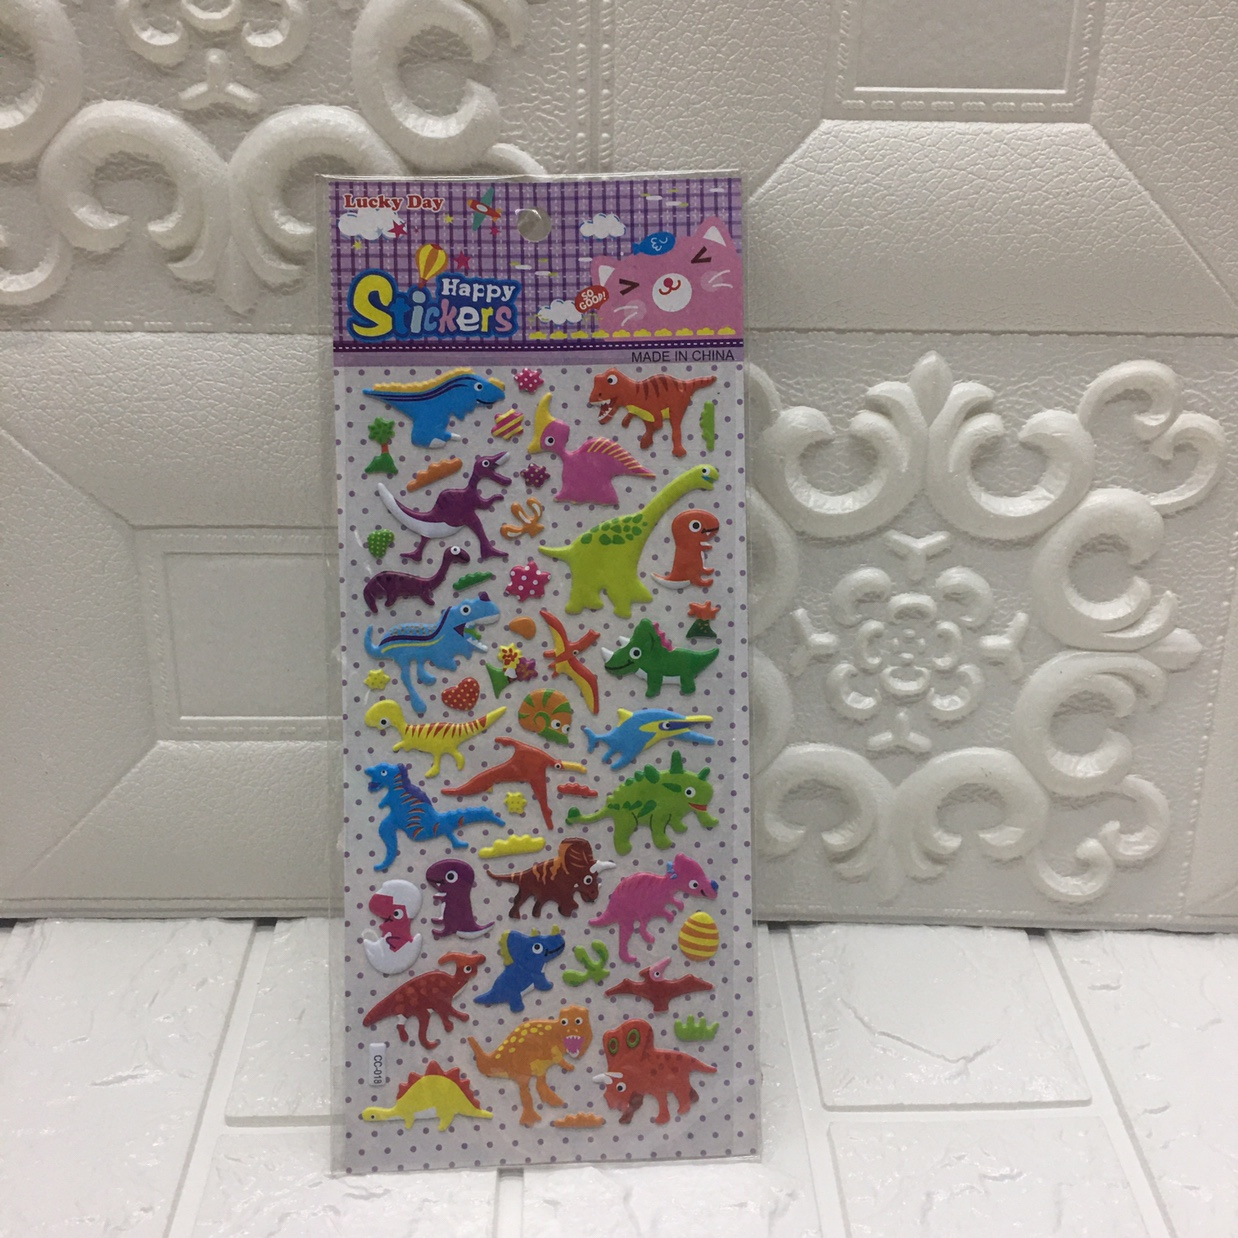 贴纸 海绵贴纸 泡泡贴 儿童卡通贴纸 儿童奖励贴纸